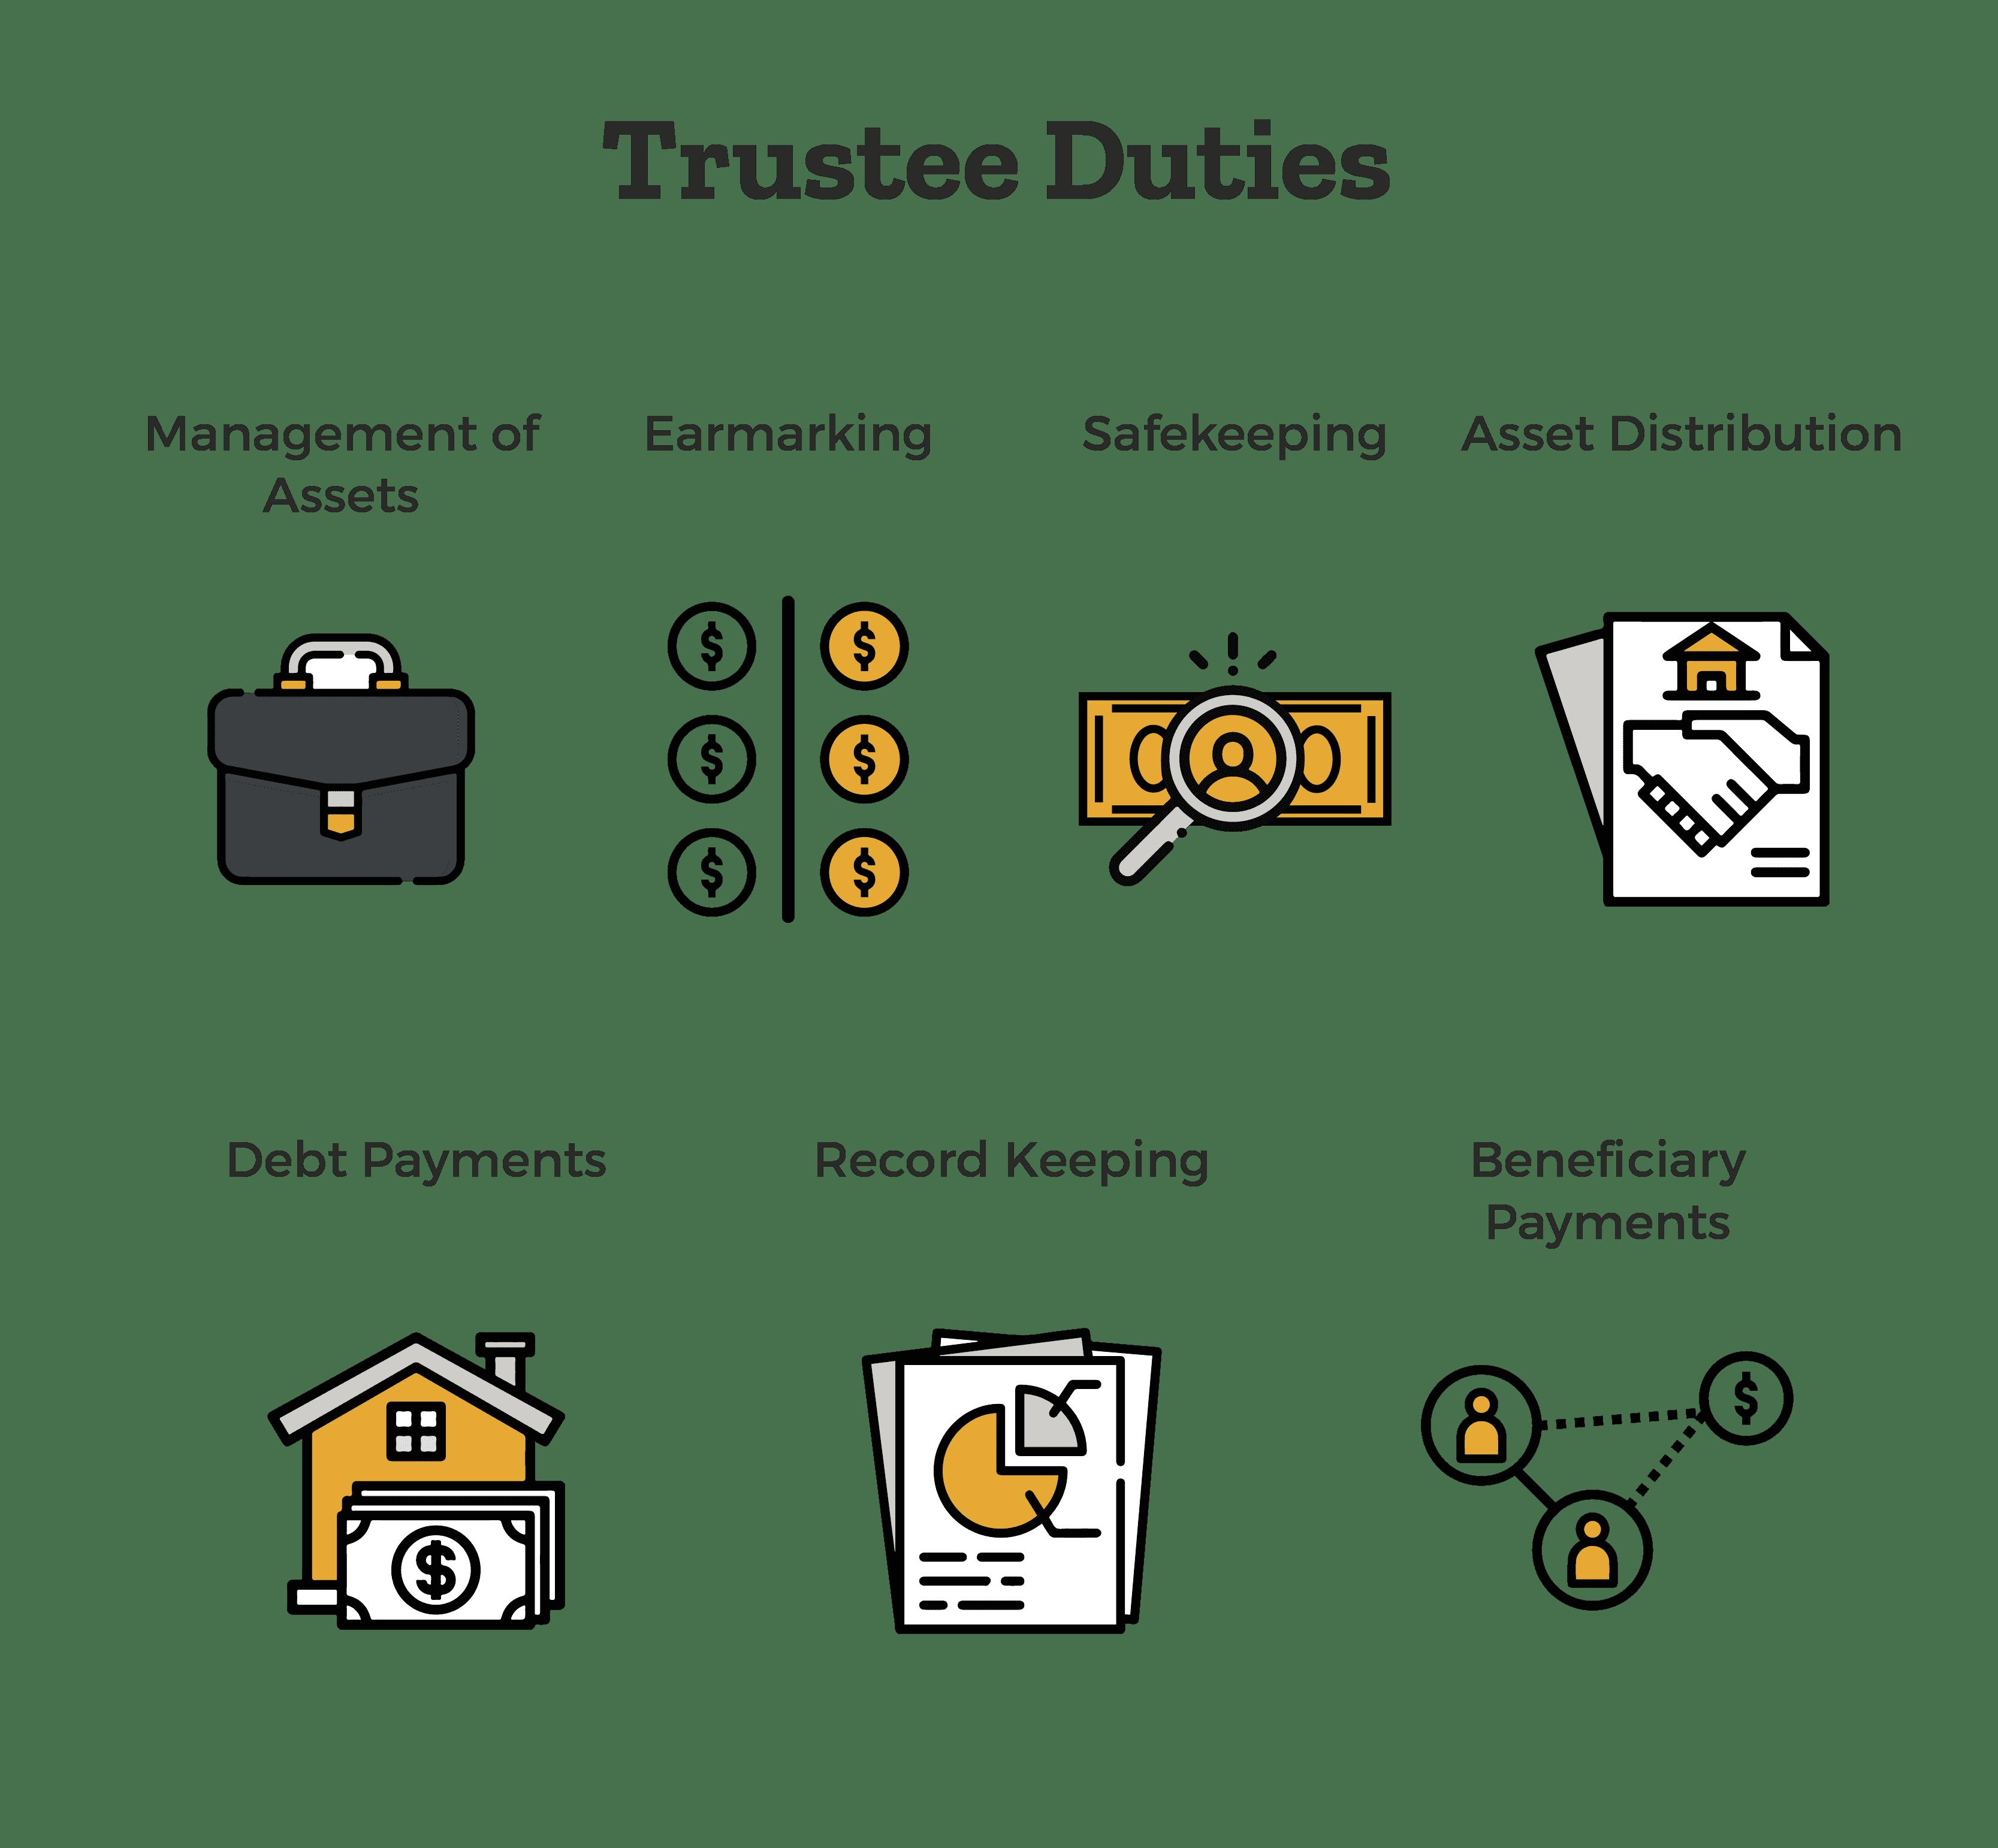 trustee-duties